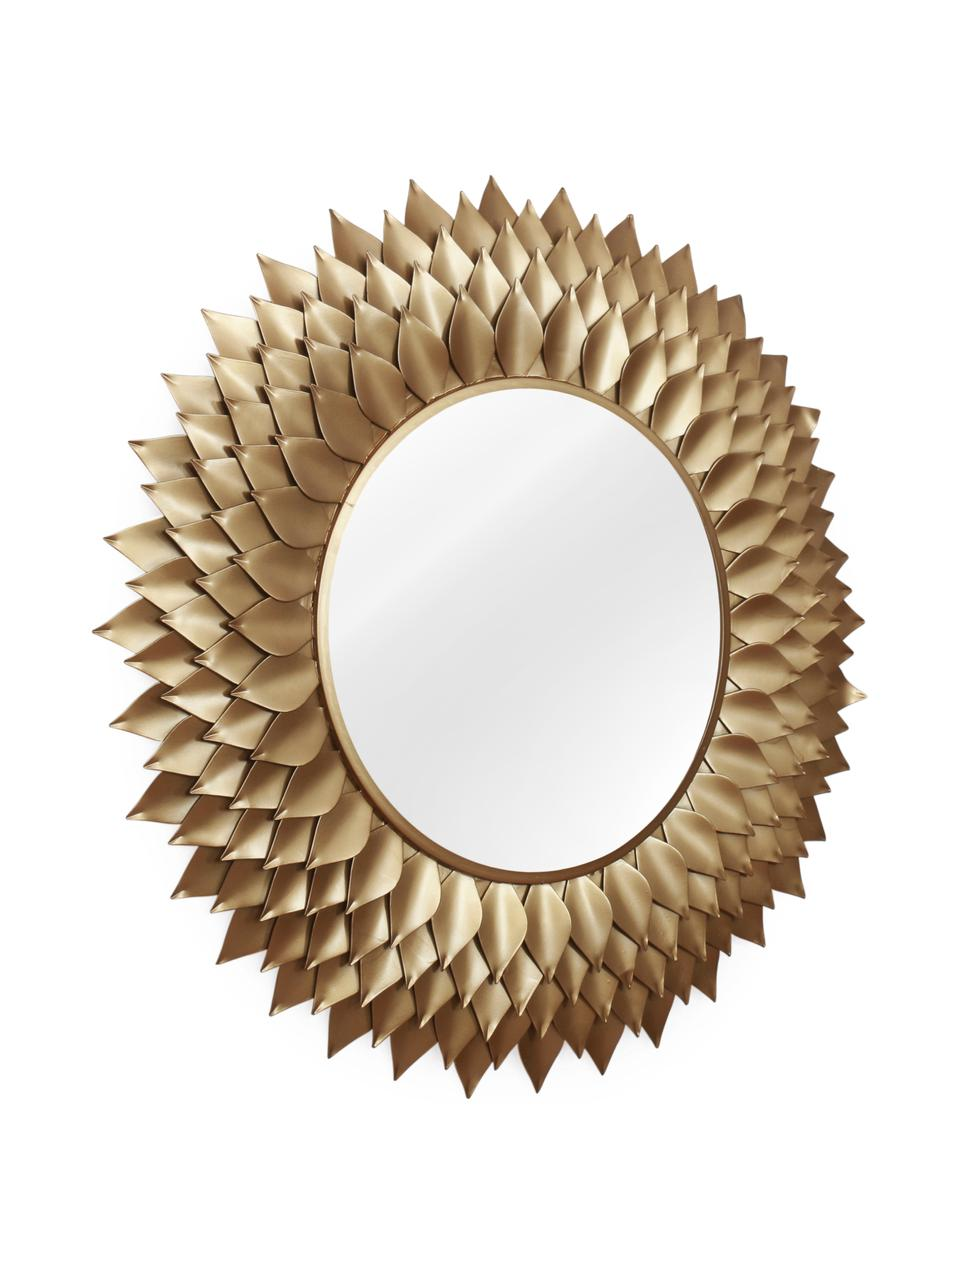 Specchio da parete con cornice dorata Petal, Cornice: metallo, Superficie dello specchio: lastra di vetro, Dorato, Ø 95 cm